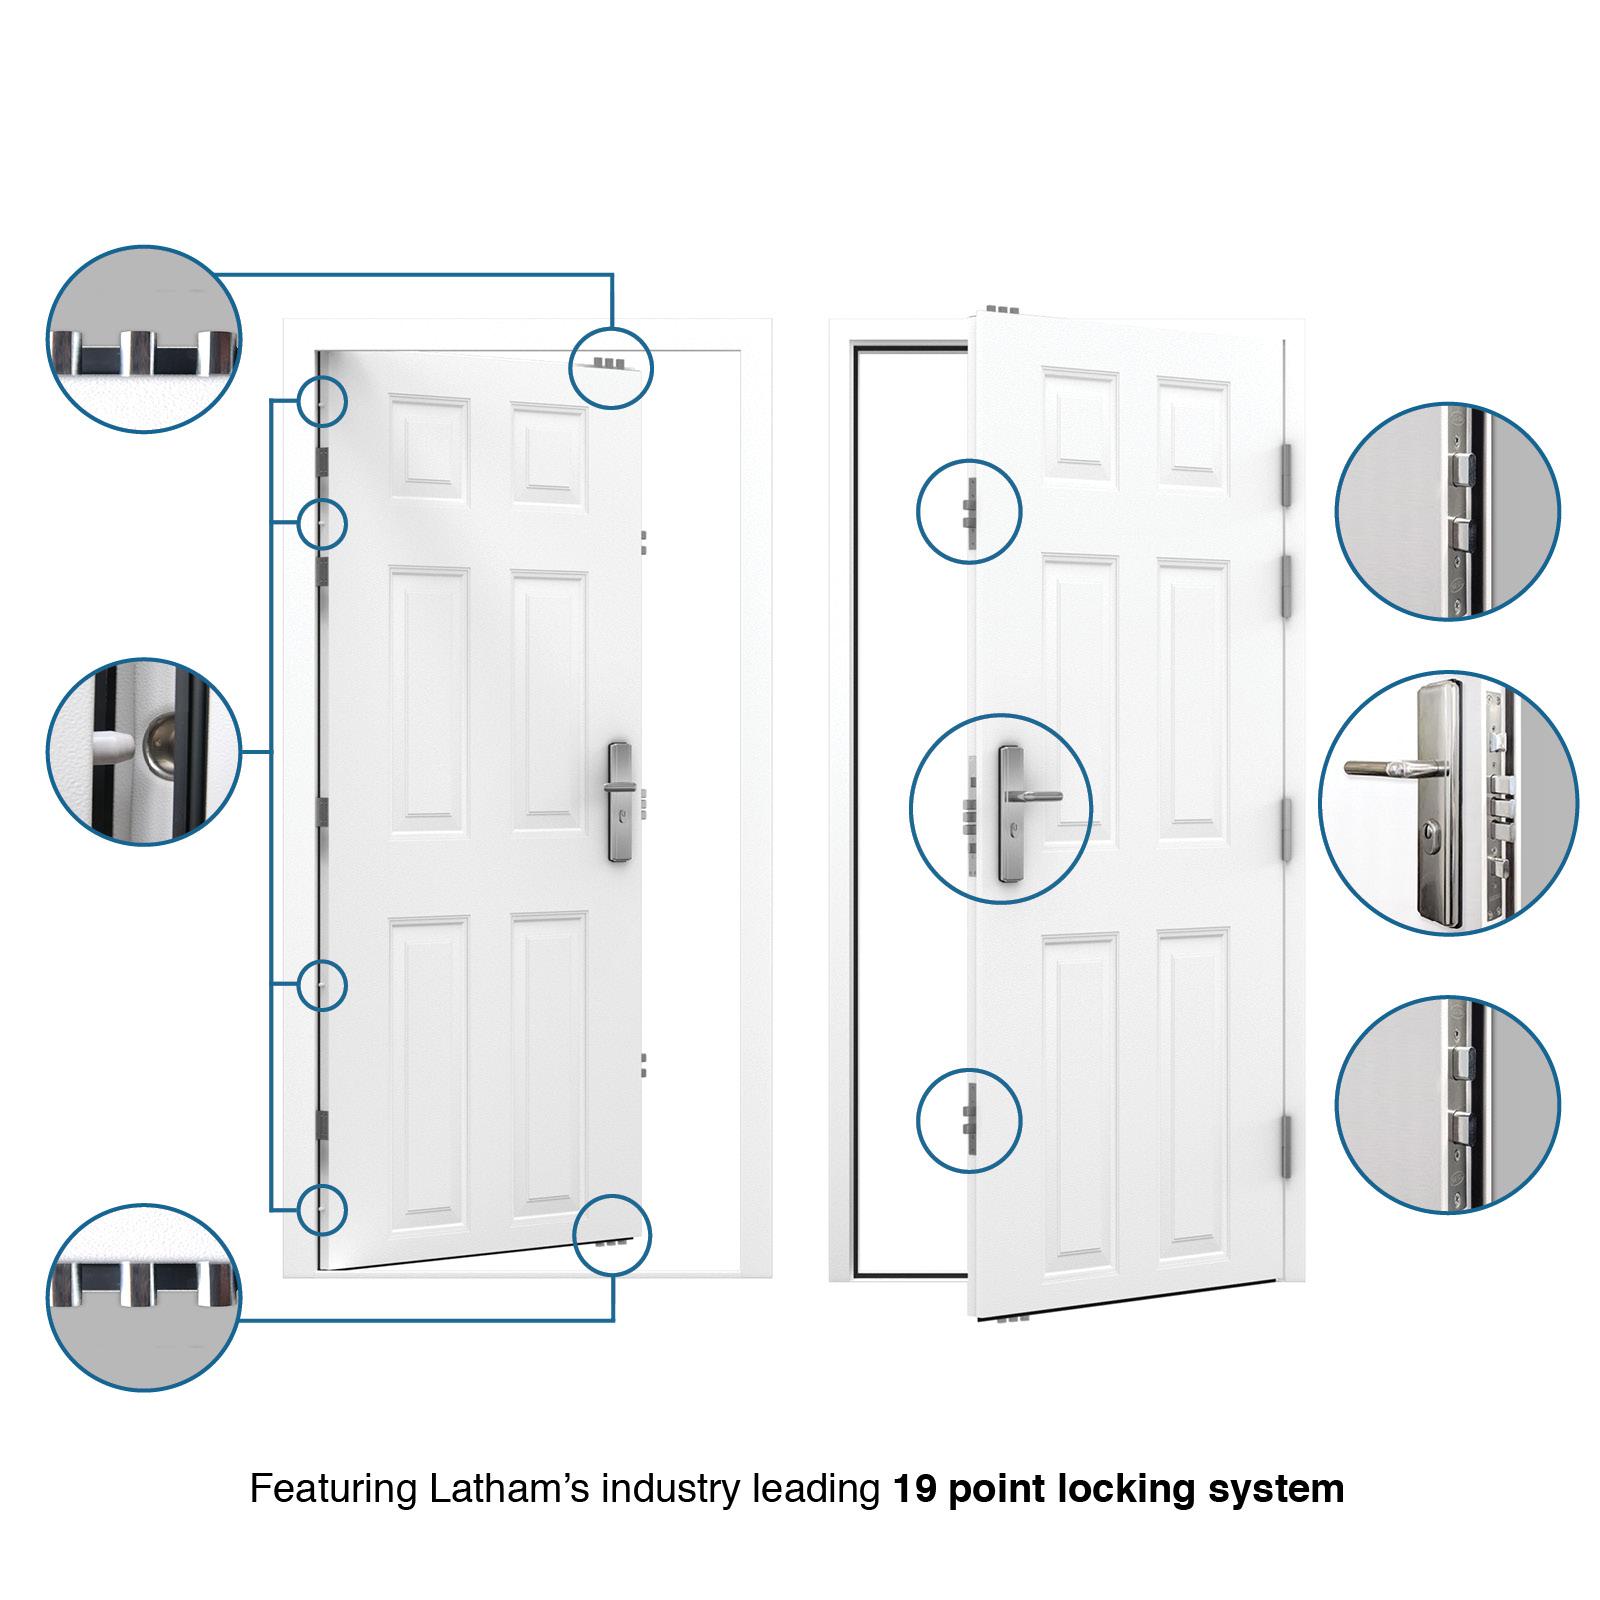 Security panelled steel door 6 panel design lathams steel doors usp diagram for georgian panel security steel door highlighting door features publicscrutiny Gallery